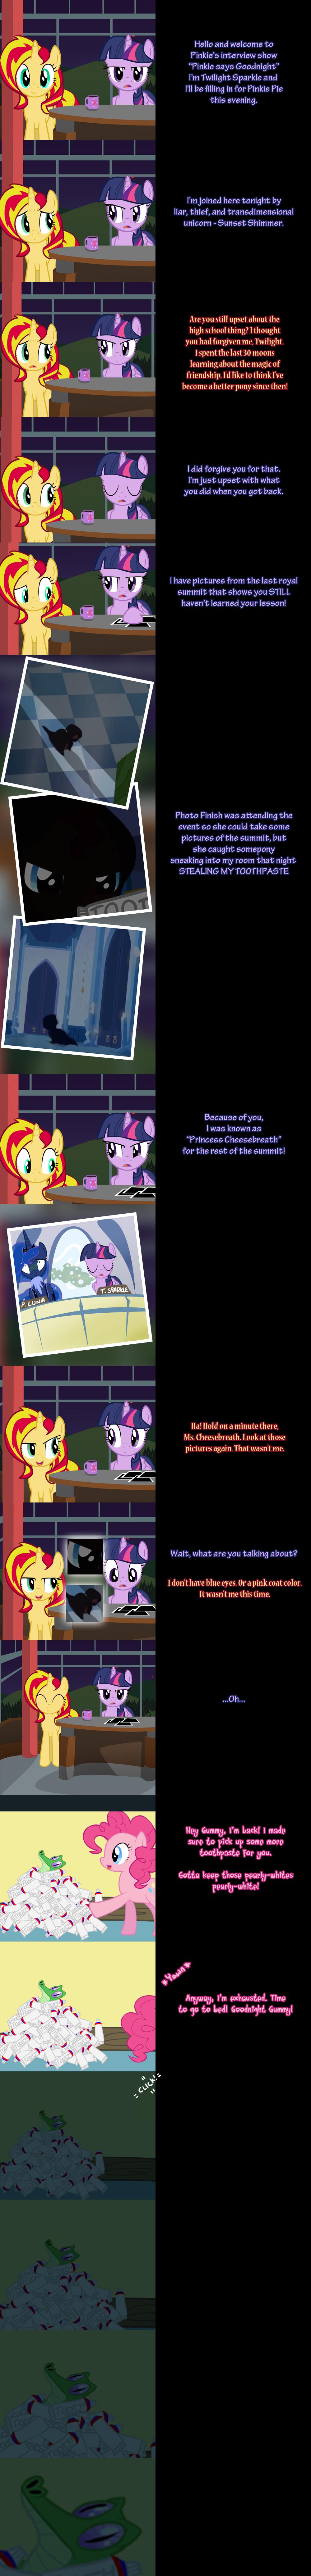 Pinkie Says Goodnight - Twilight Sunset